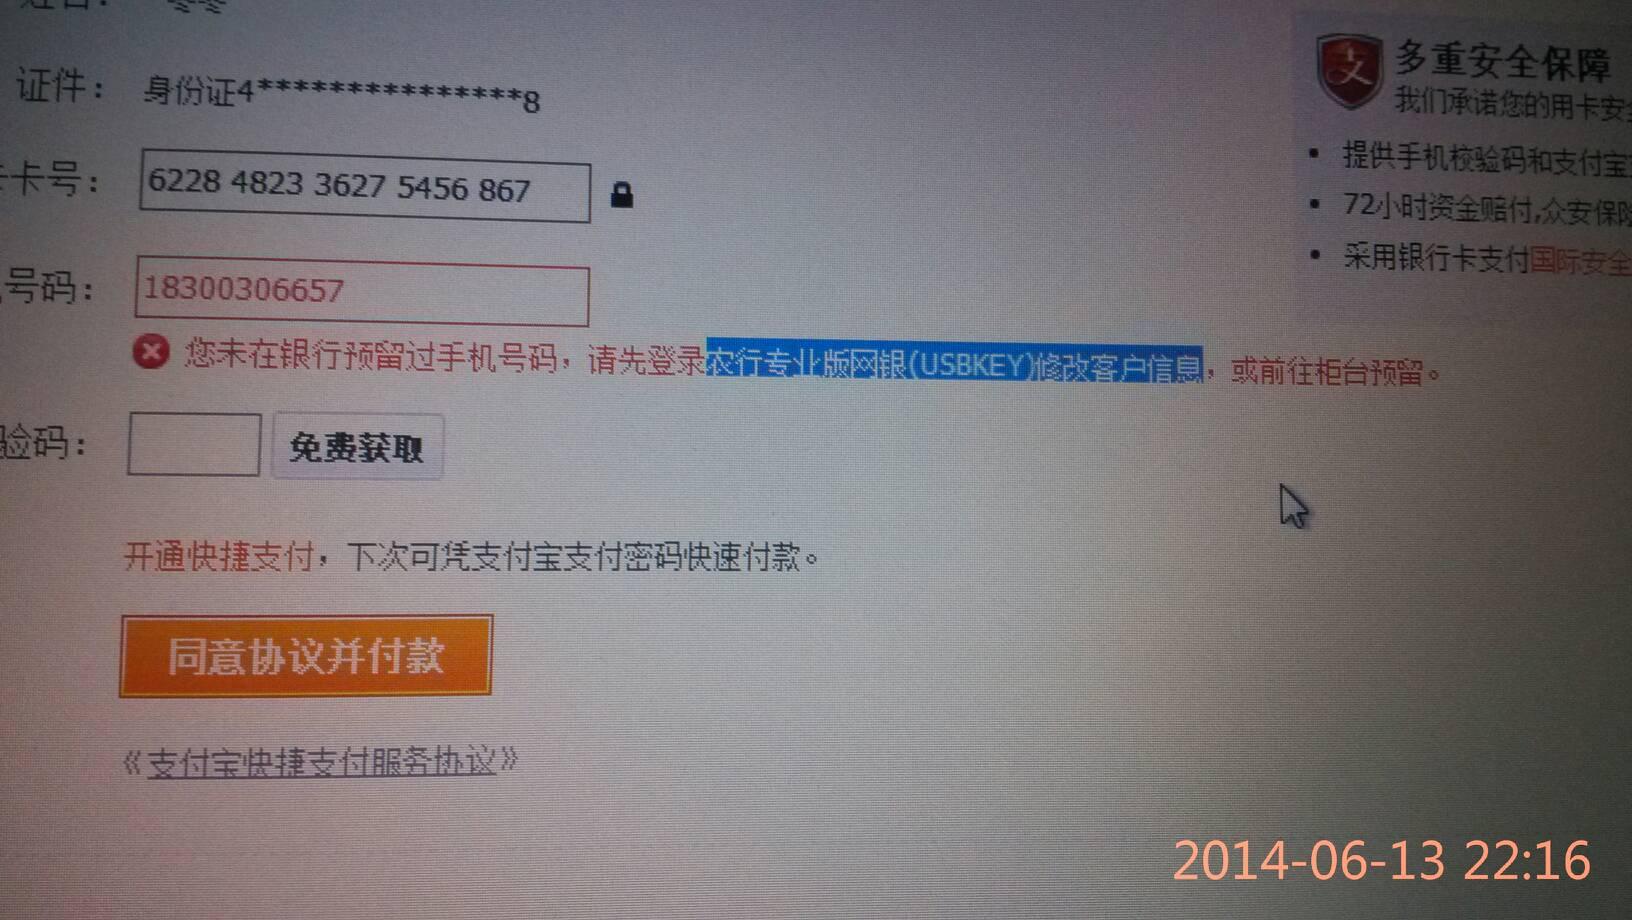 怎样��`'�-�ZَY��&_农行预留手机号怎样修改啊?